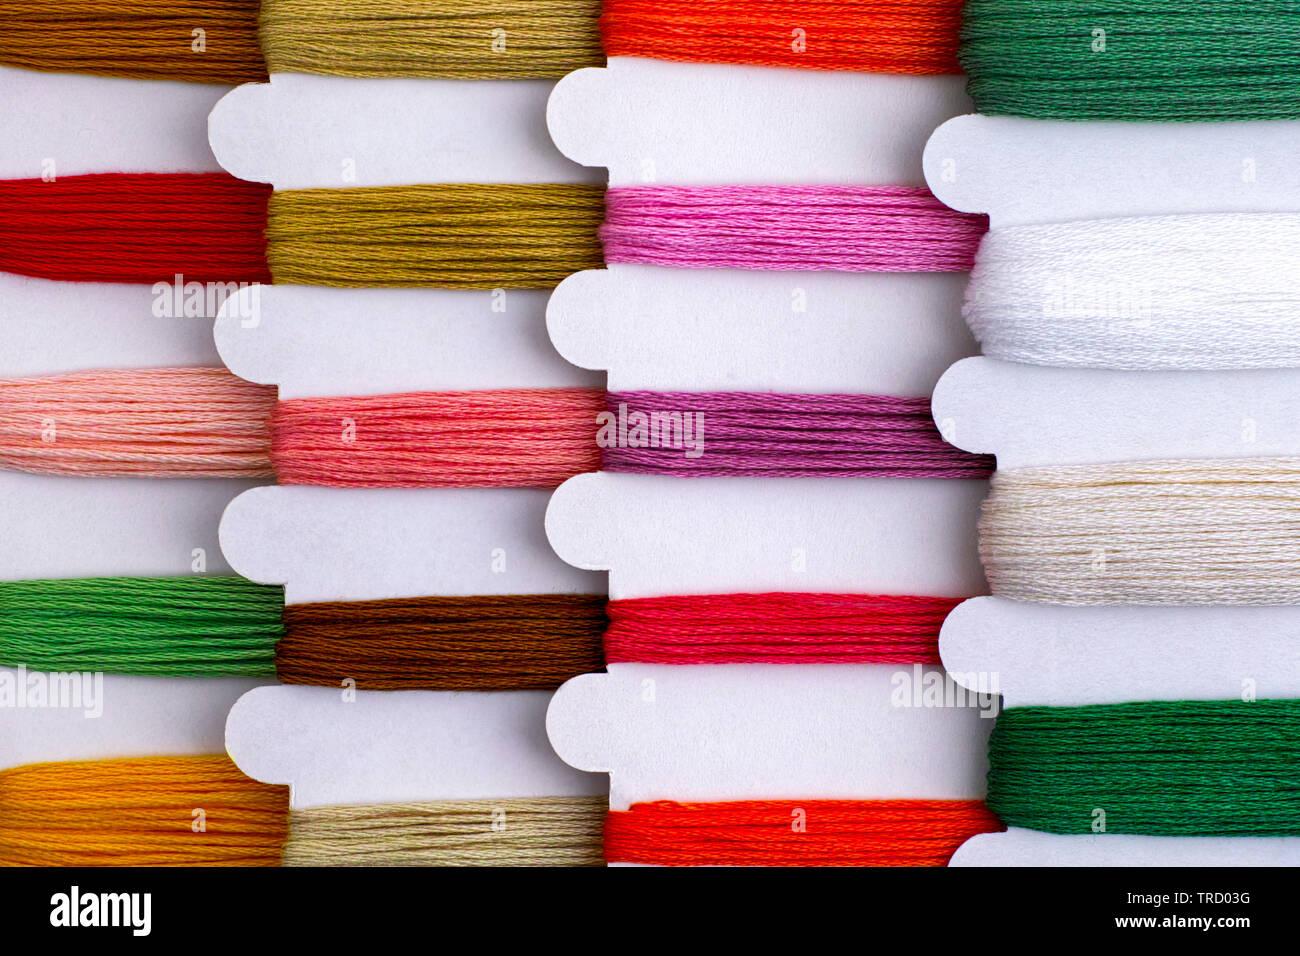 Bordados de colores roscas en los carretes en una fila listo para punto de cruz. Close-up. Foto de stock